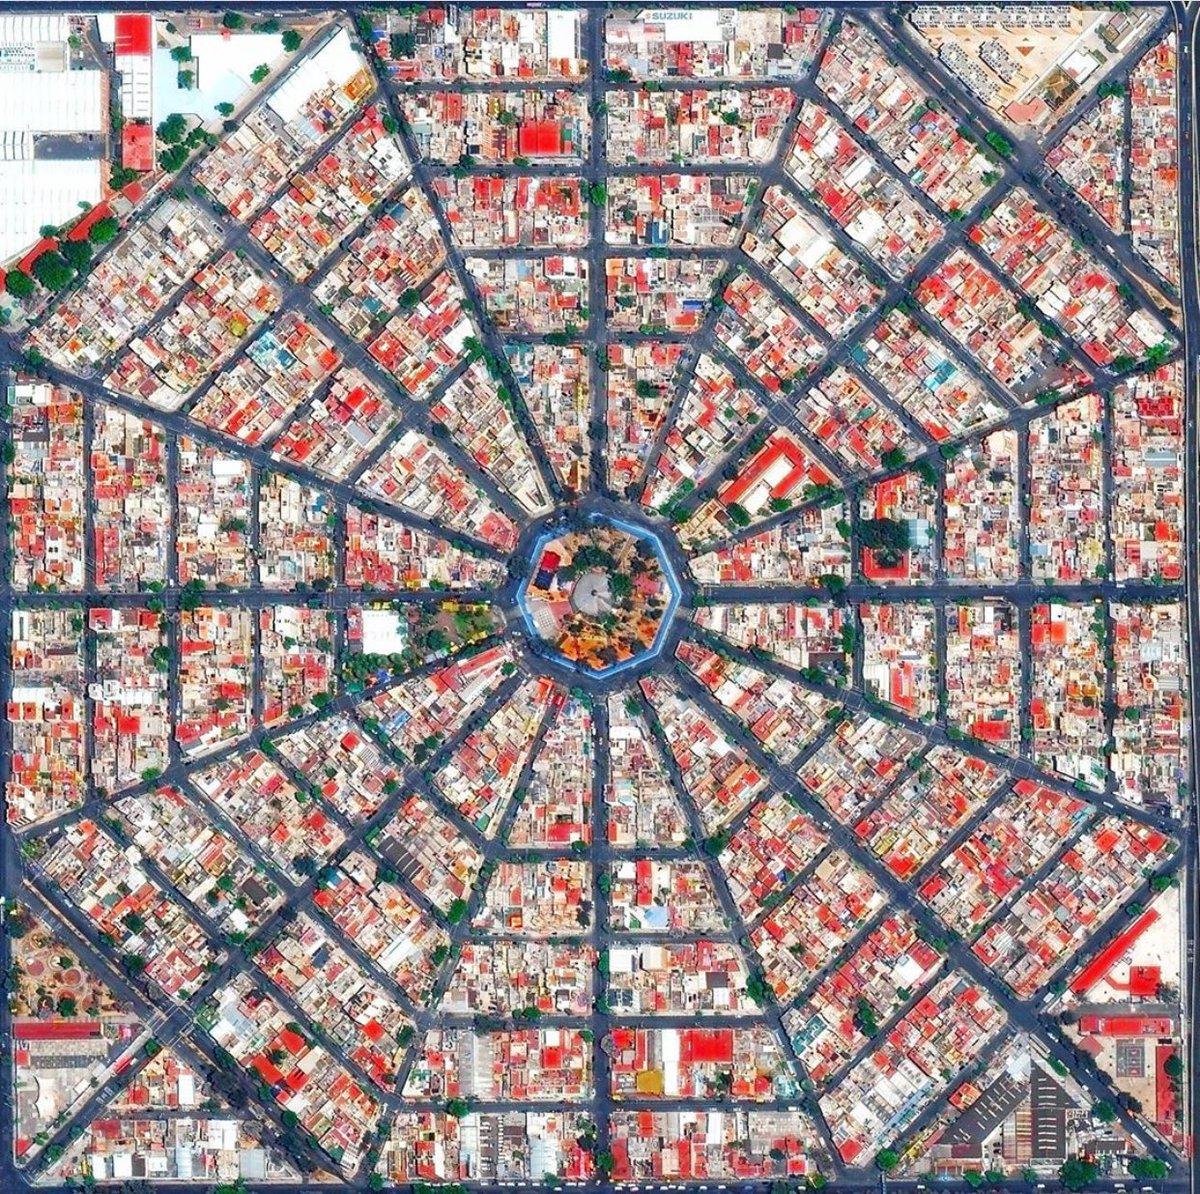 Planification urbaine: le quartier Venustiano Carranza District de la ville de Mexico, Mexique, vu du ciel. pic.twitter.com/dSh008iByO